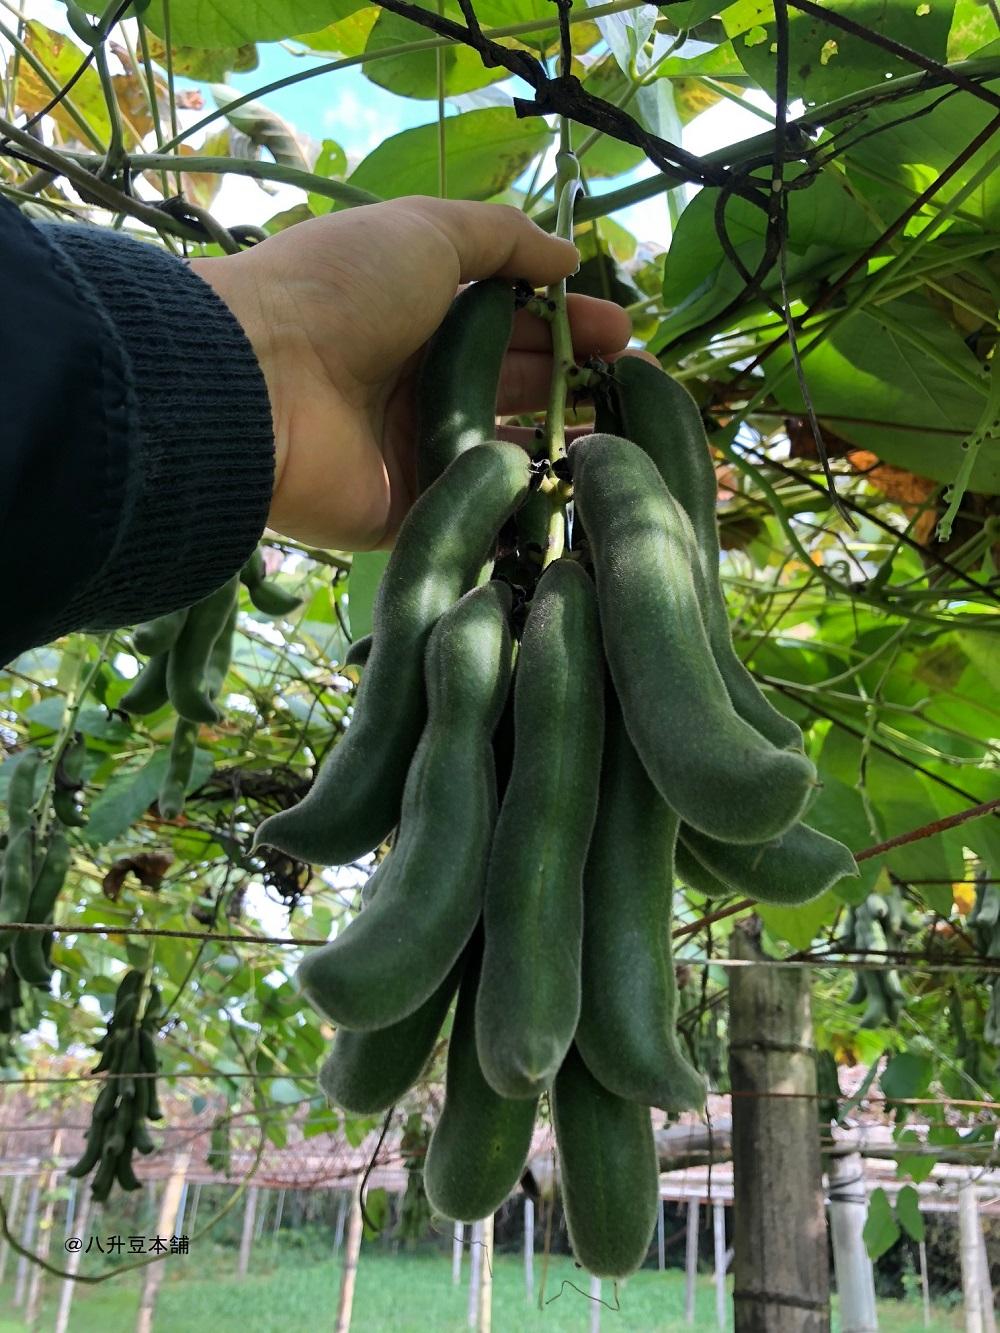 ムクナ豆(八升豆)パウダー90g入り 国産ムクナ豆100% 無農薬自然栽培